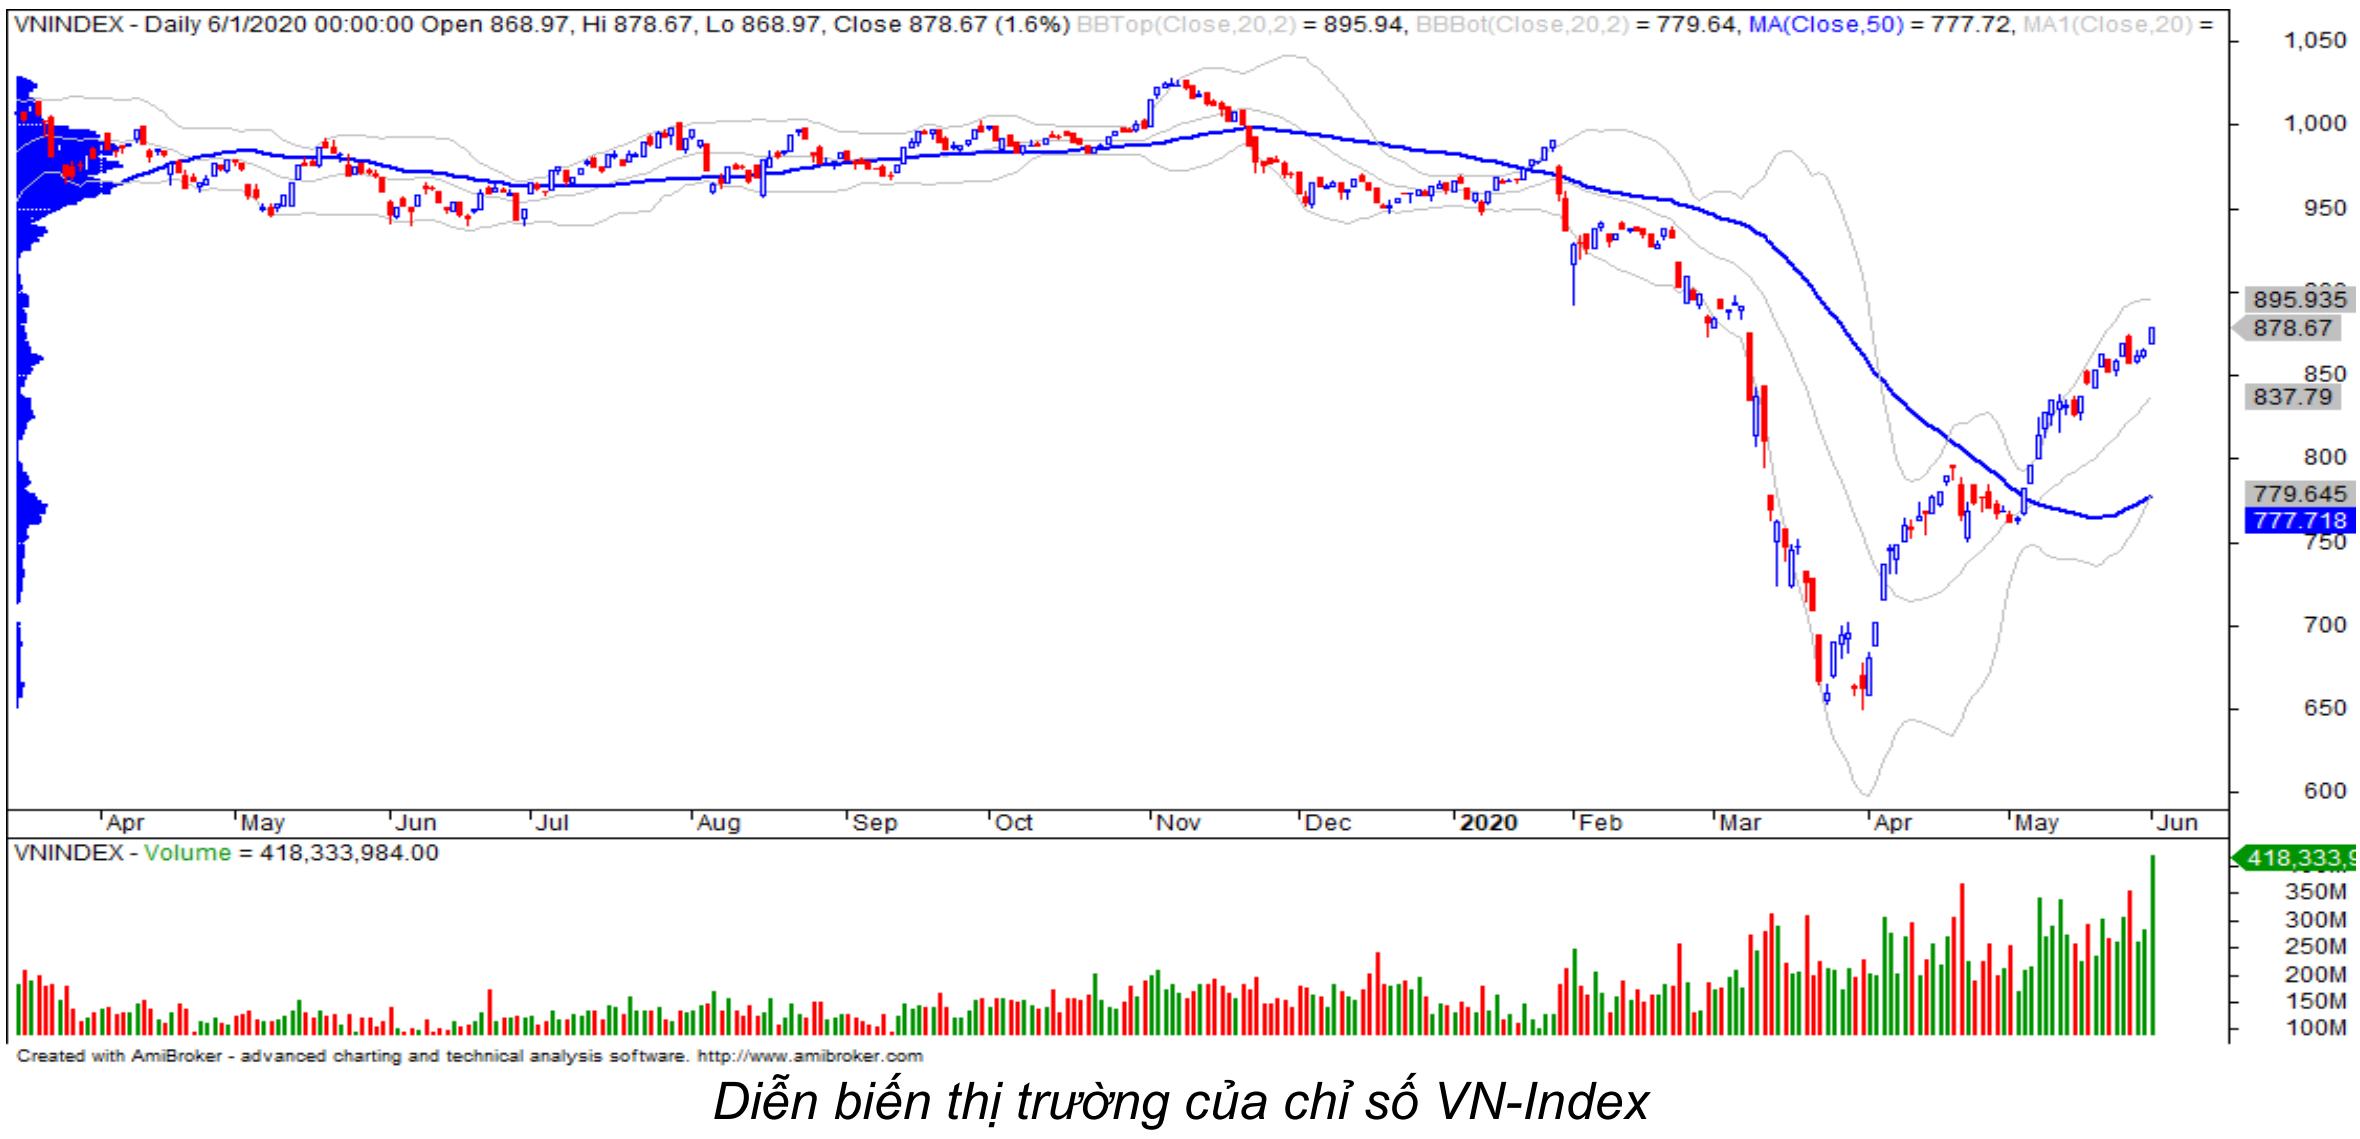 Nhận định thị trường chứng khoán ngày 2/6: Rung lắc khi tiến sát mức kháng cự 880 điểm - Ảnh 1.